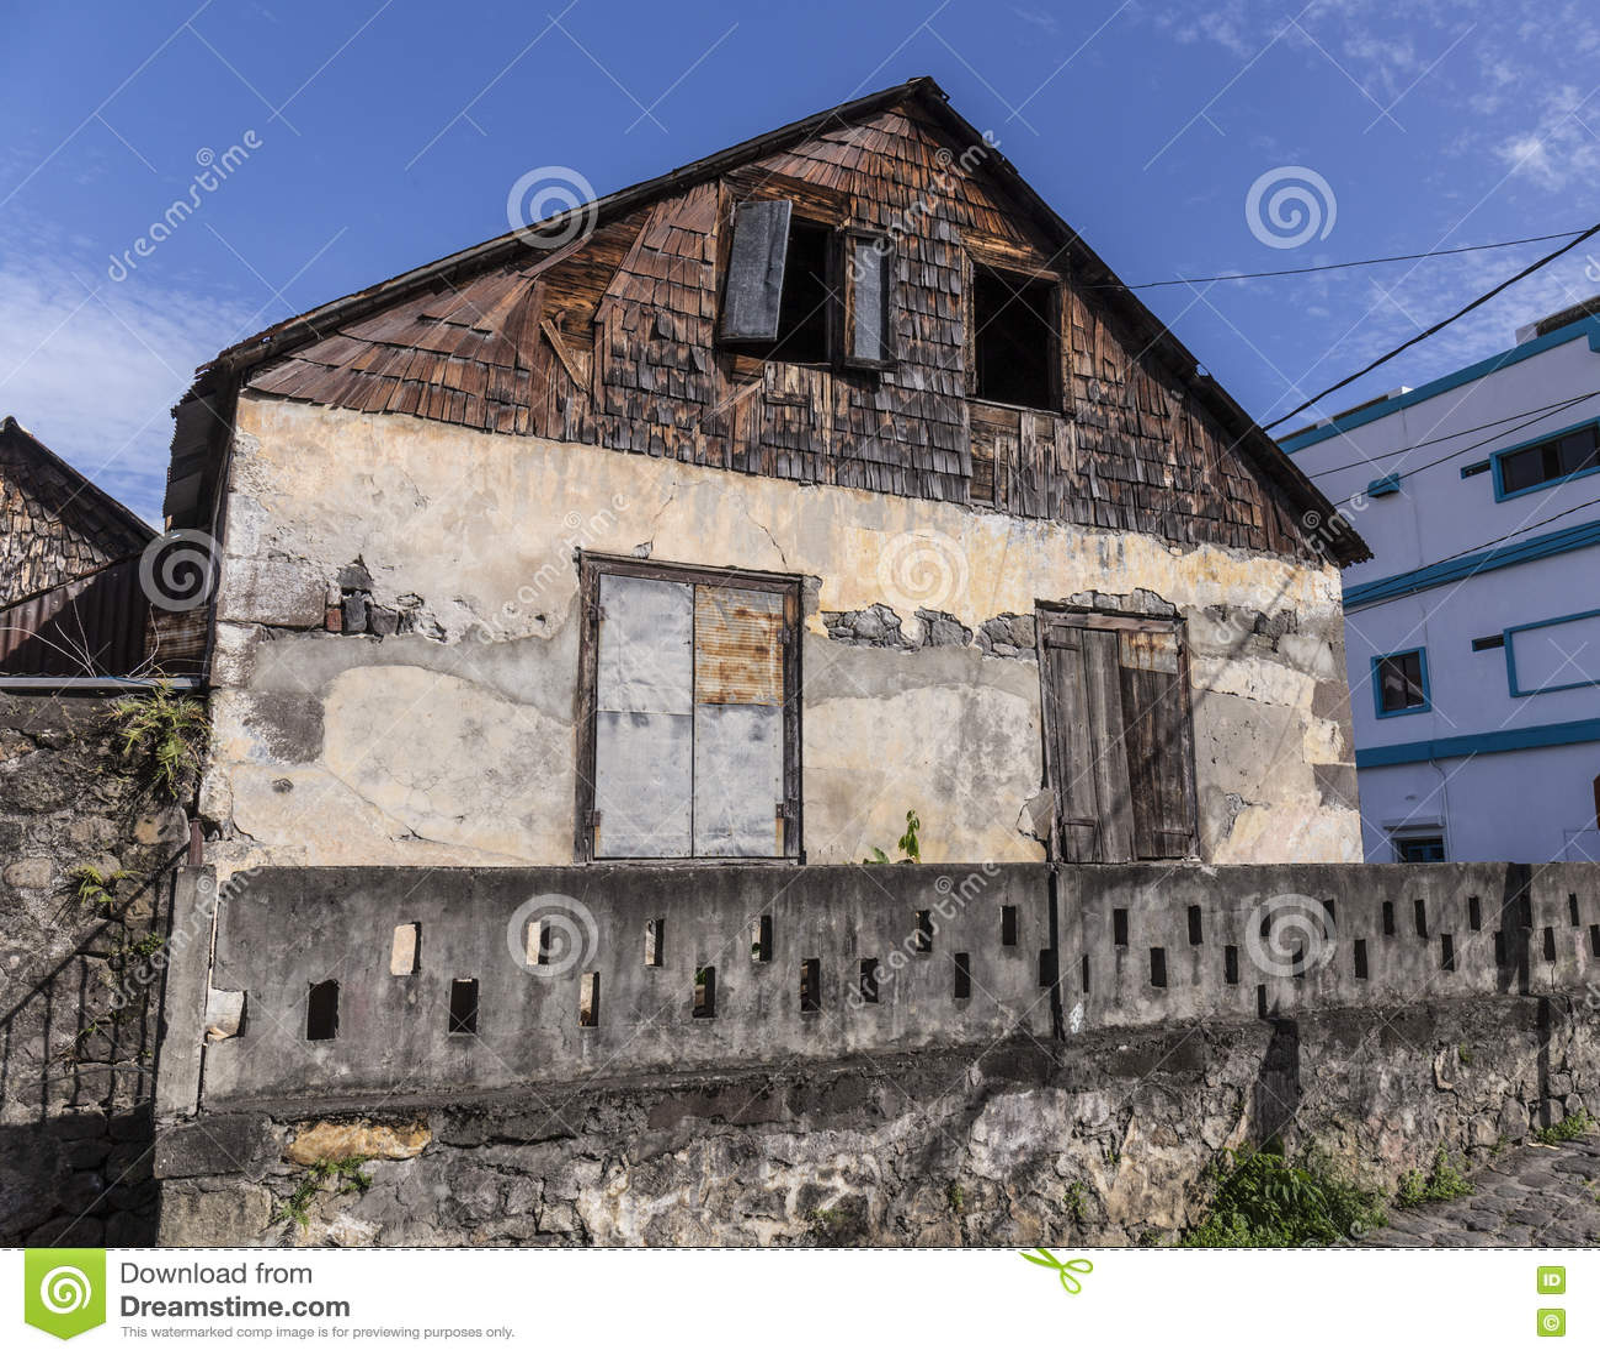 Сценарная деревянная хата в квартальной территории Кариб в Розо